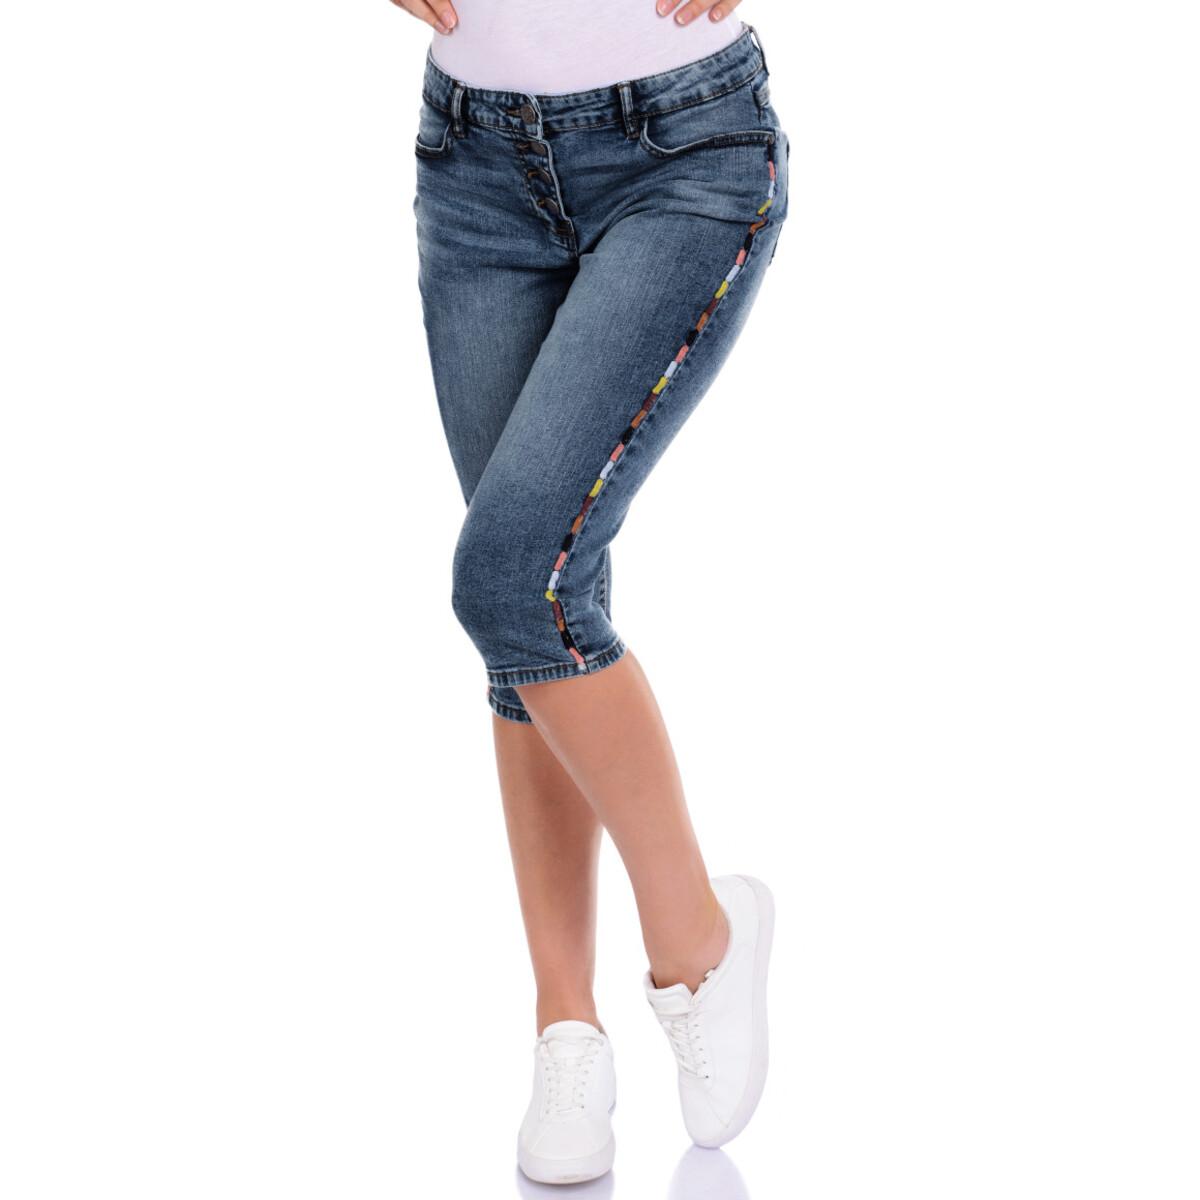 Bild 2 von 3/4 Damen Slim-Jeans mit Knopfleiste